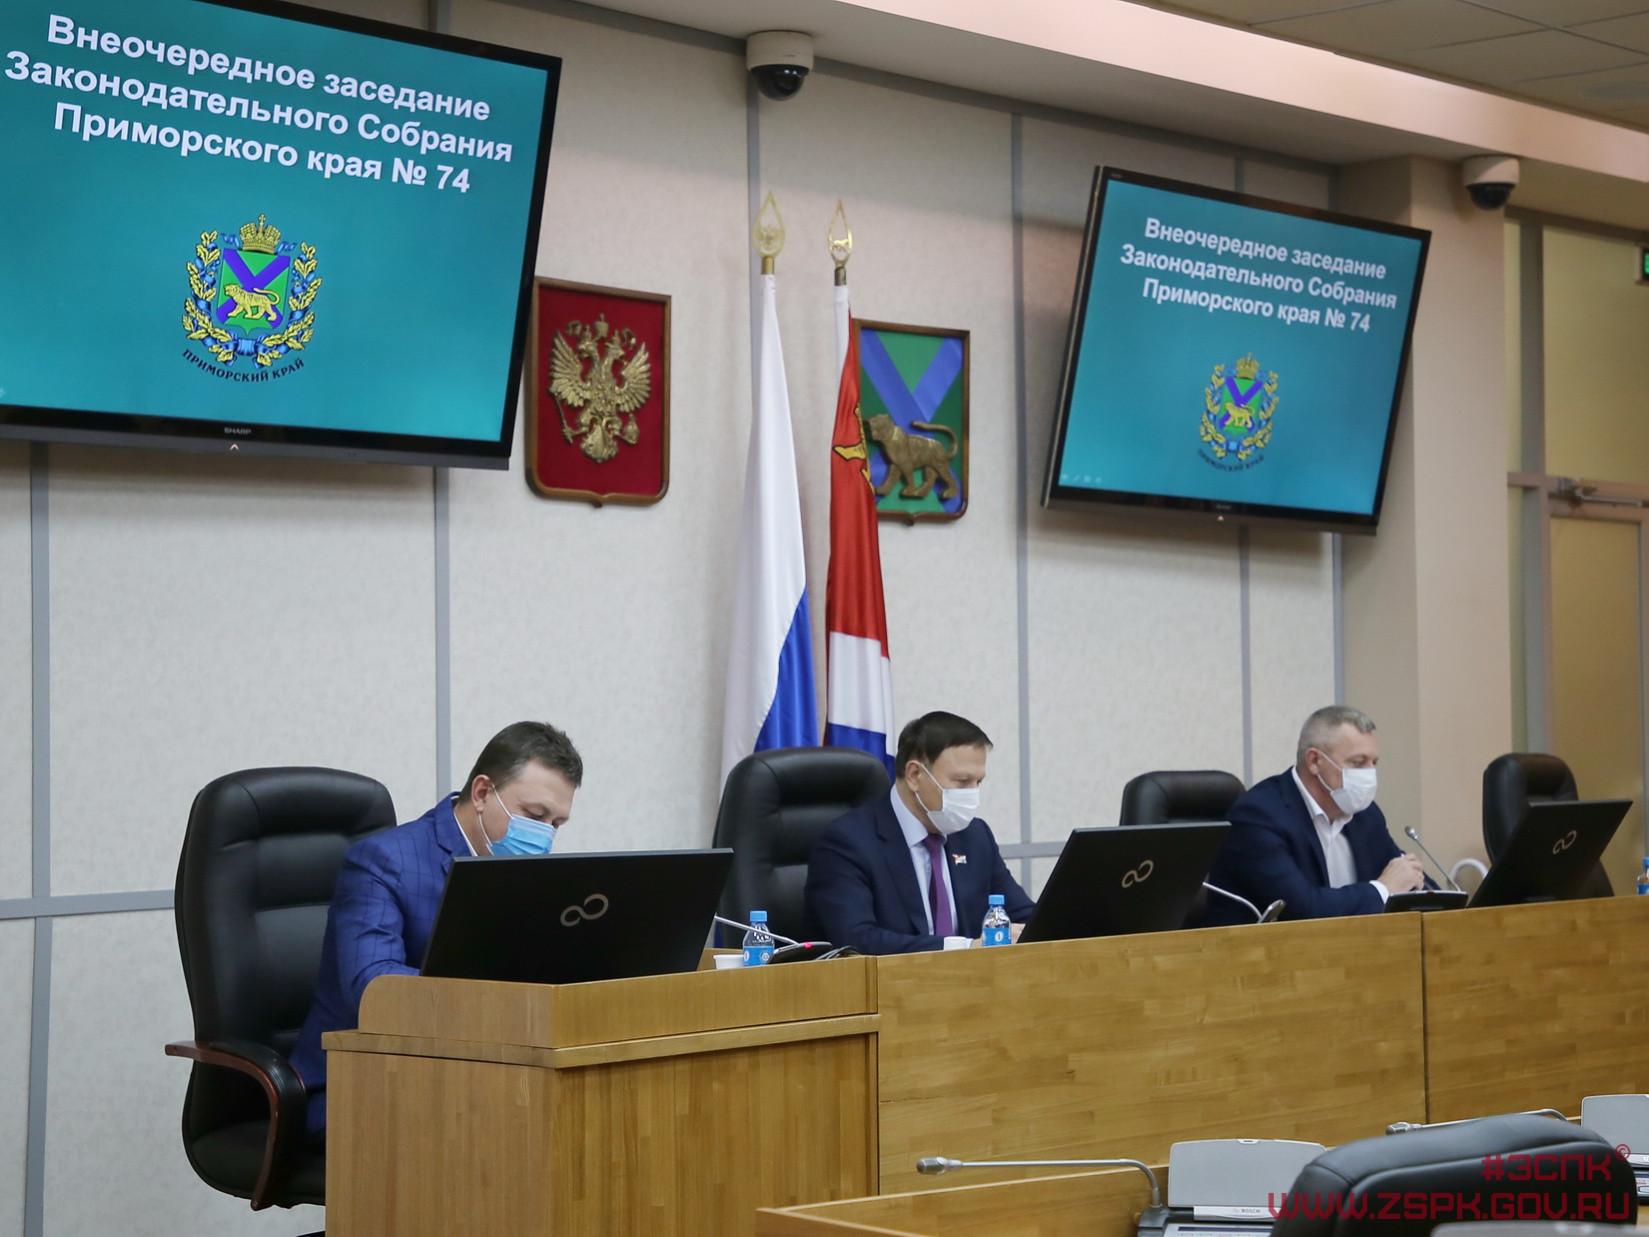 Новую школу в Приморье срочно построят по решению депутатов